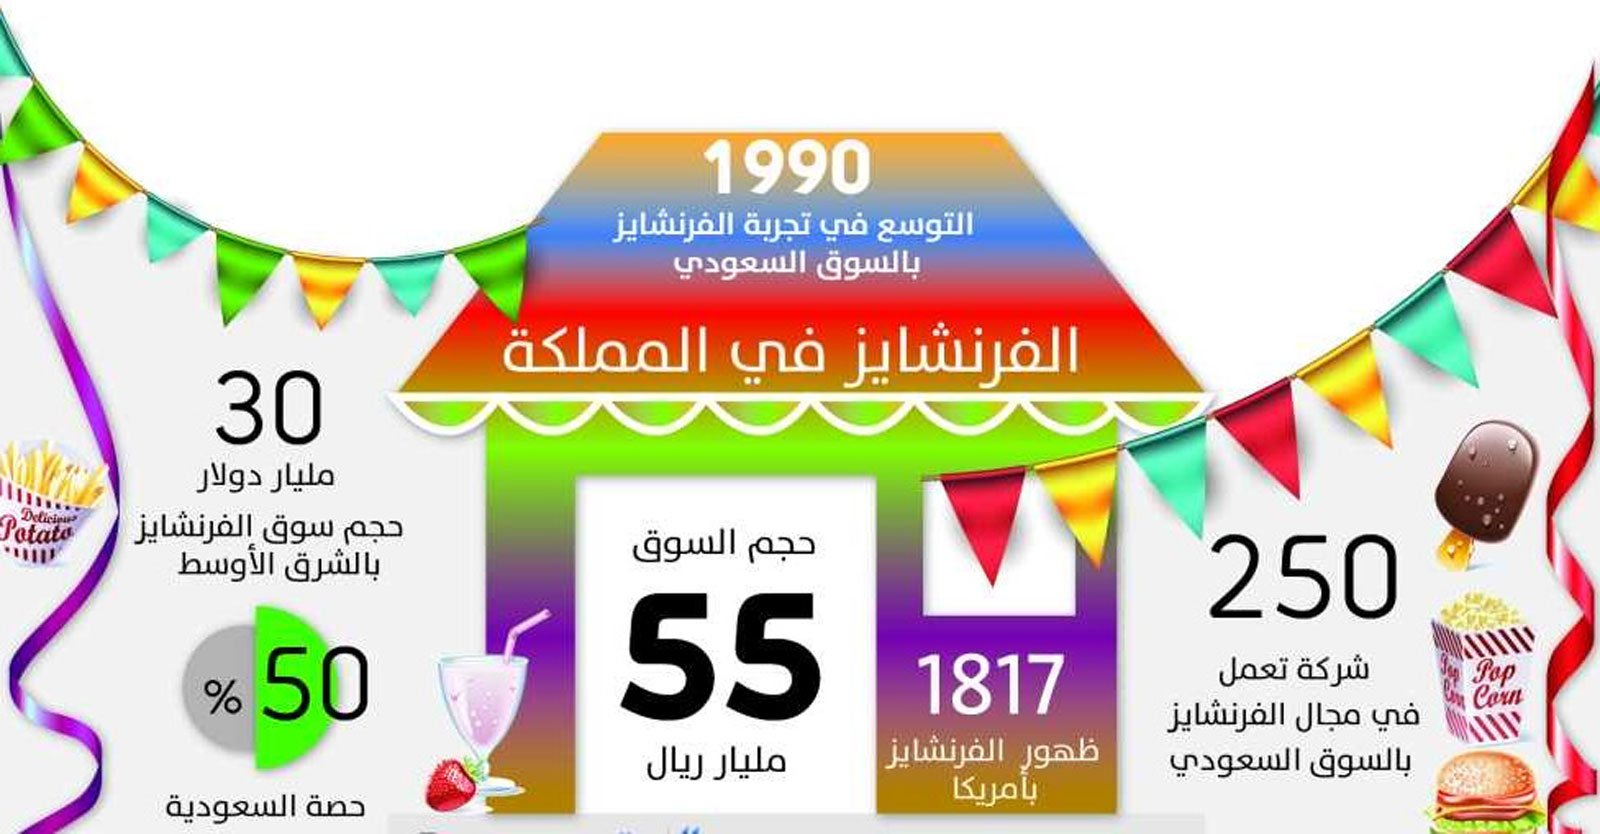 معرض الرياض للفرنشايز